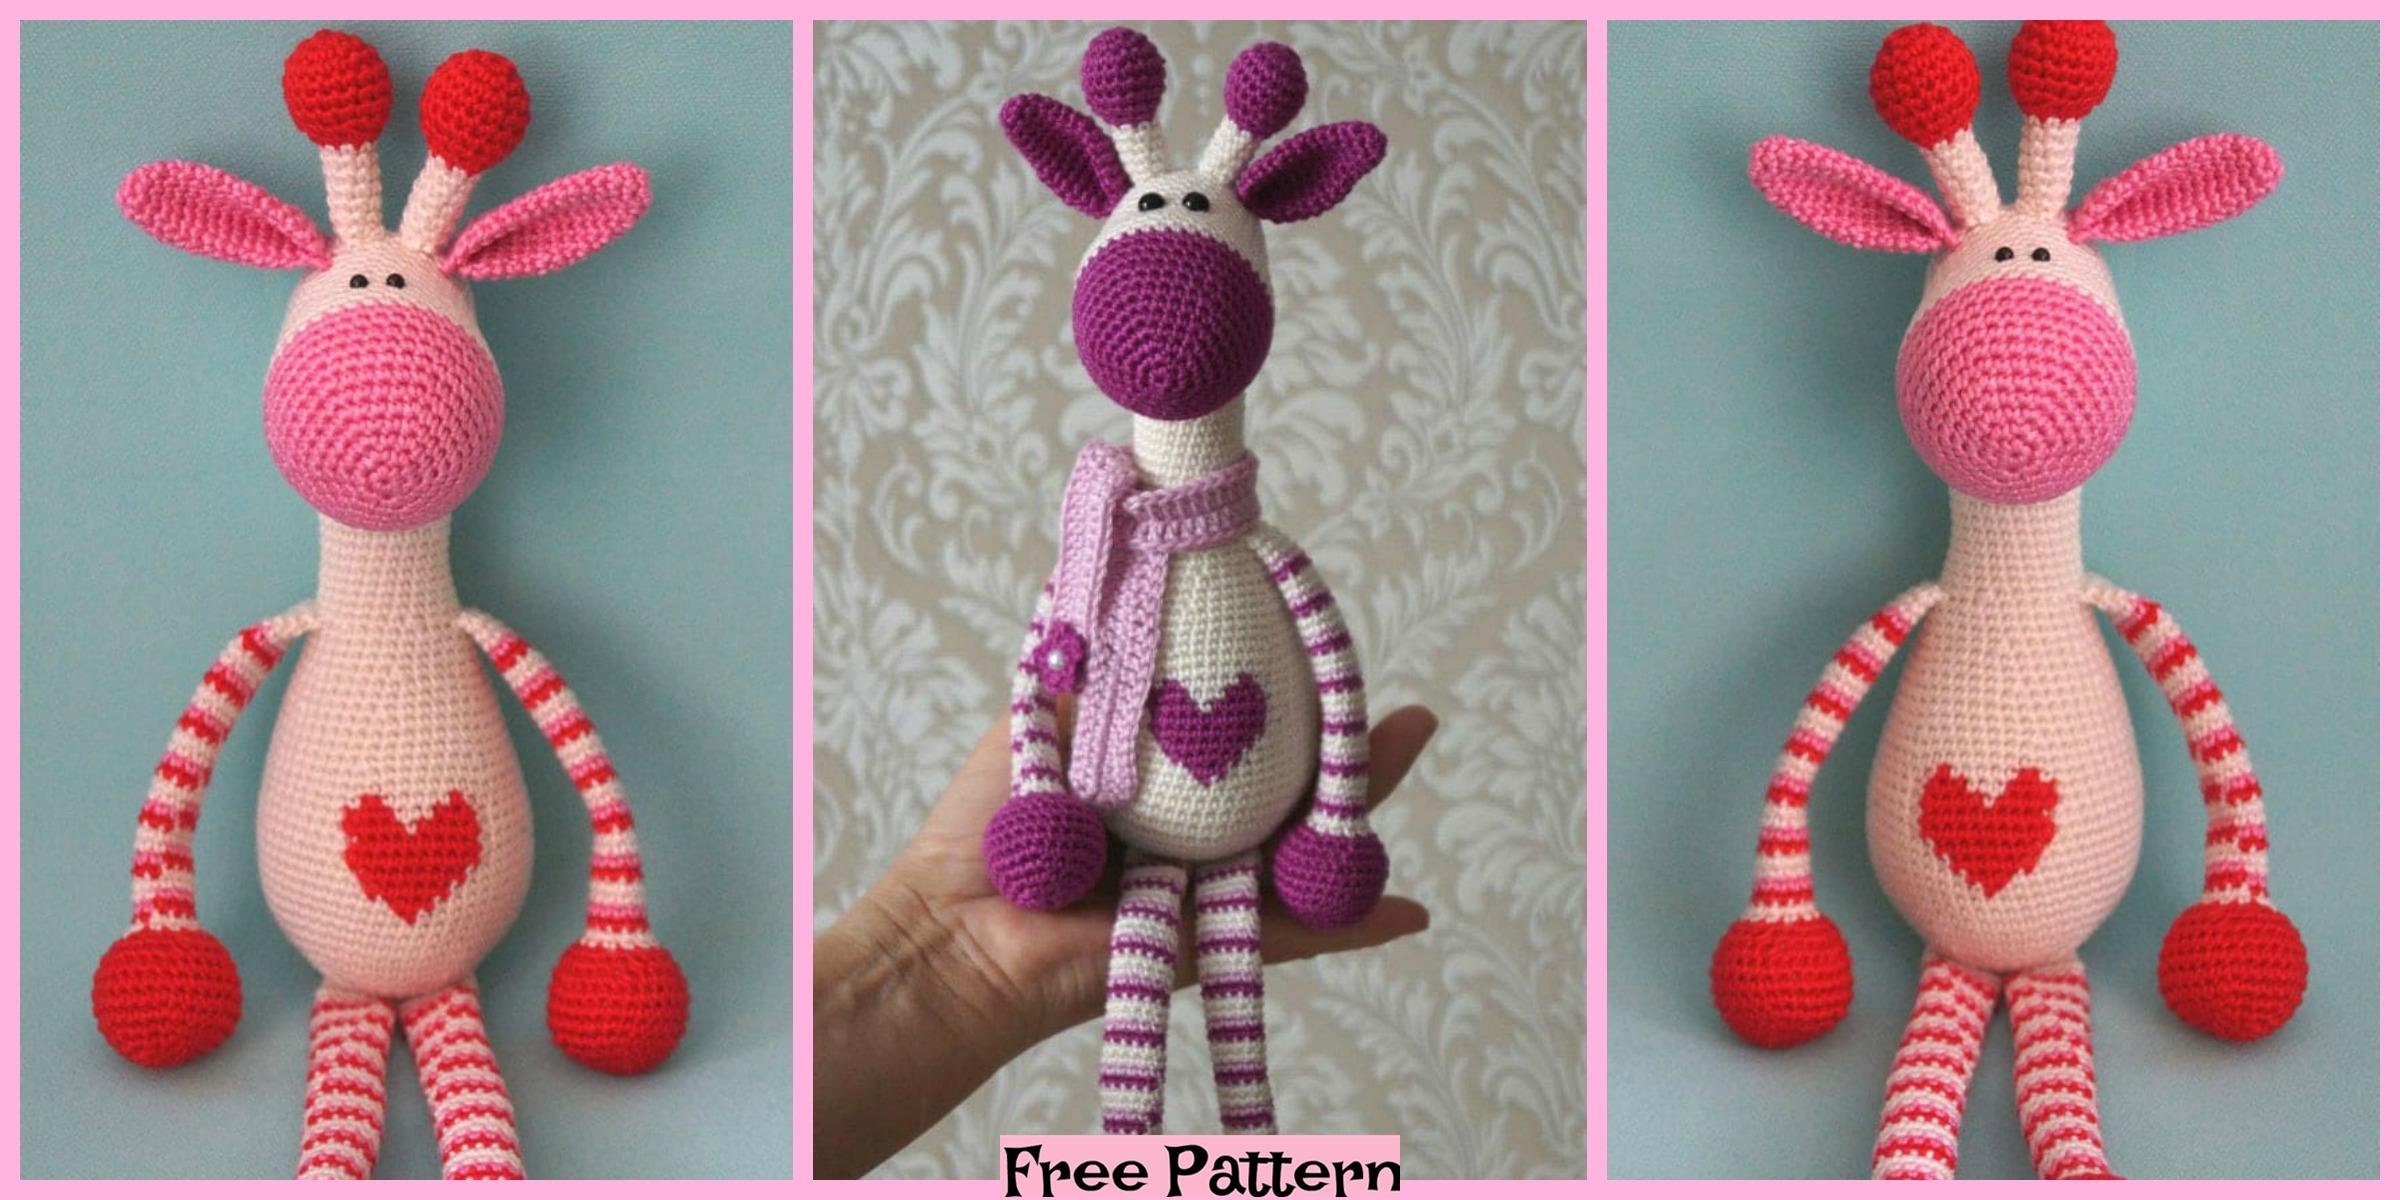 Crochet Hearty Giraffe Amigurumi – Free Pattern